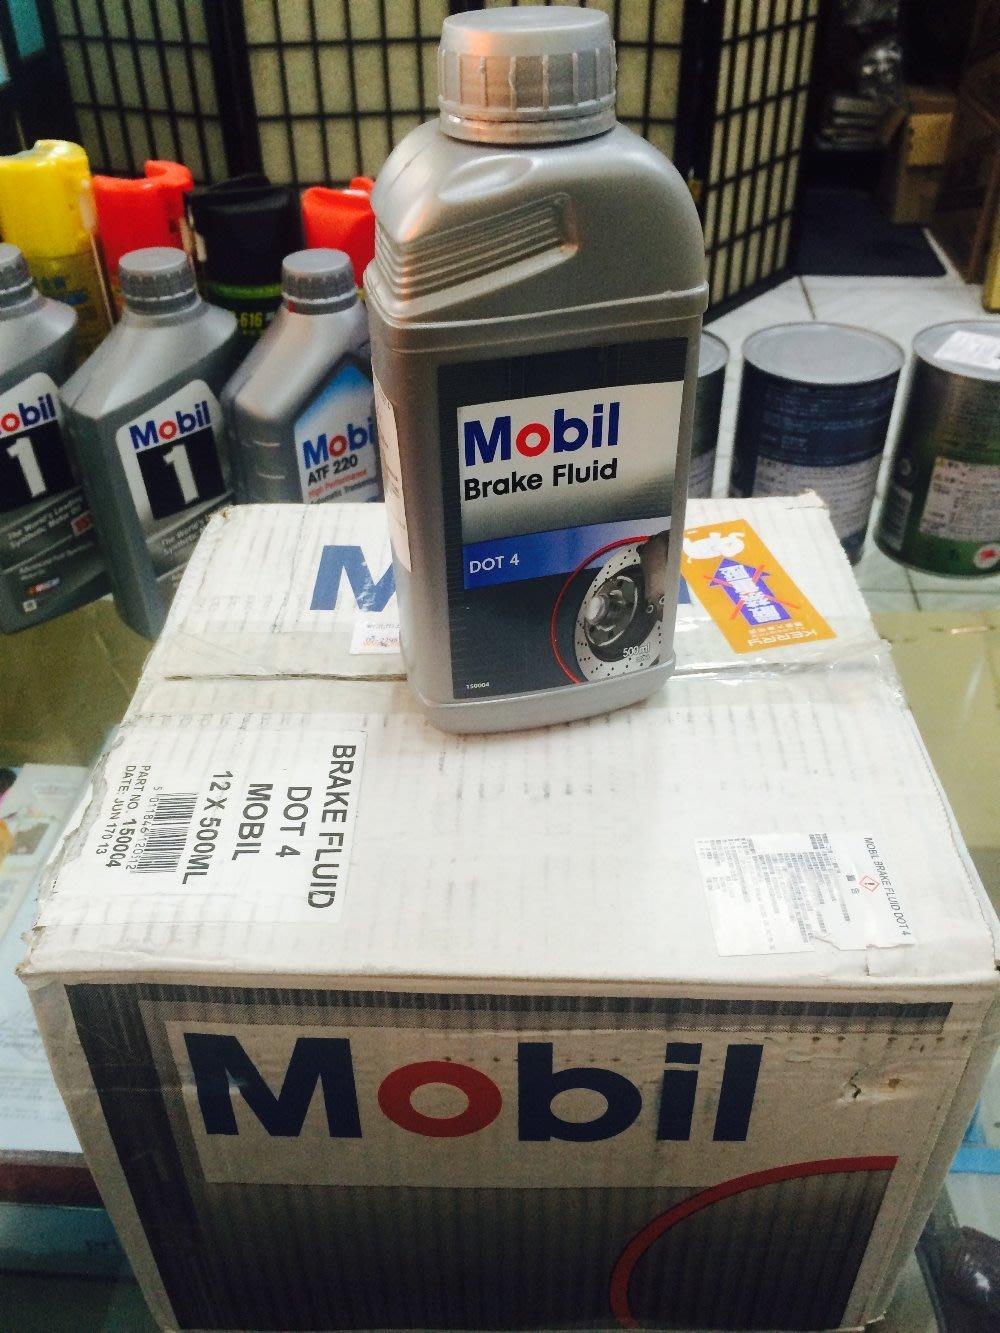 【MOBIL 美孚】Brake Fluid、DOT-4、煞車油、500ML/罐、12罐/箱【公司貨】-滿箱區